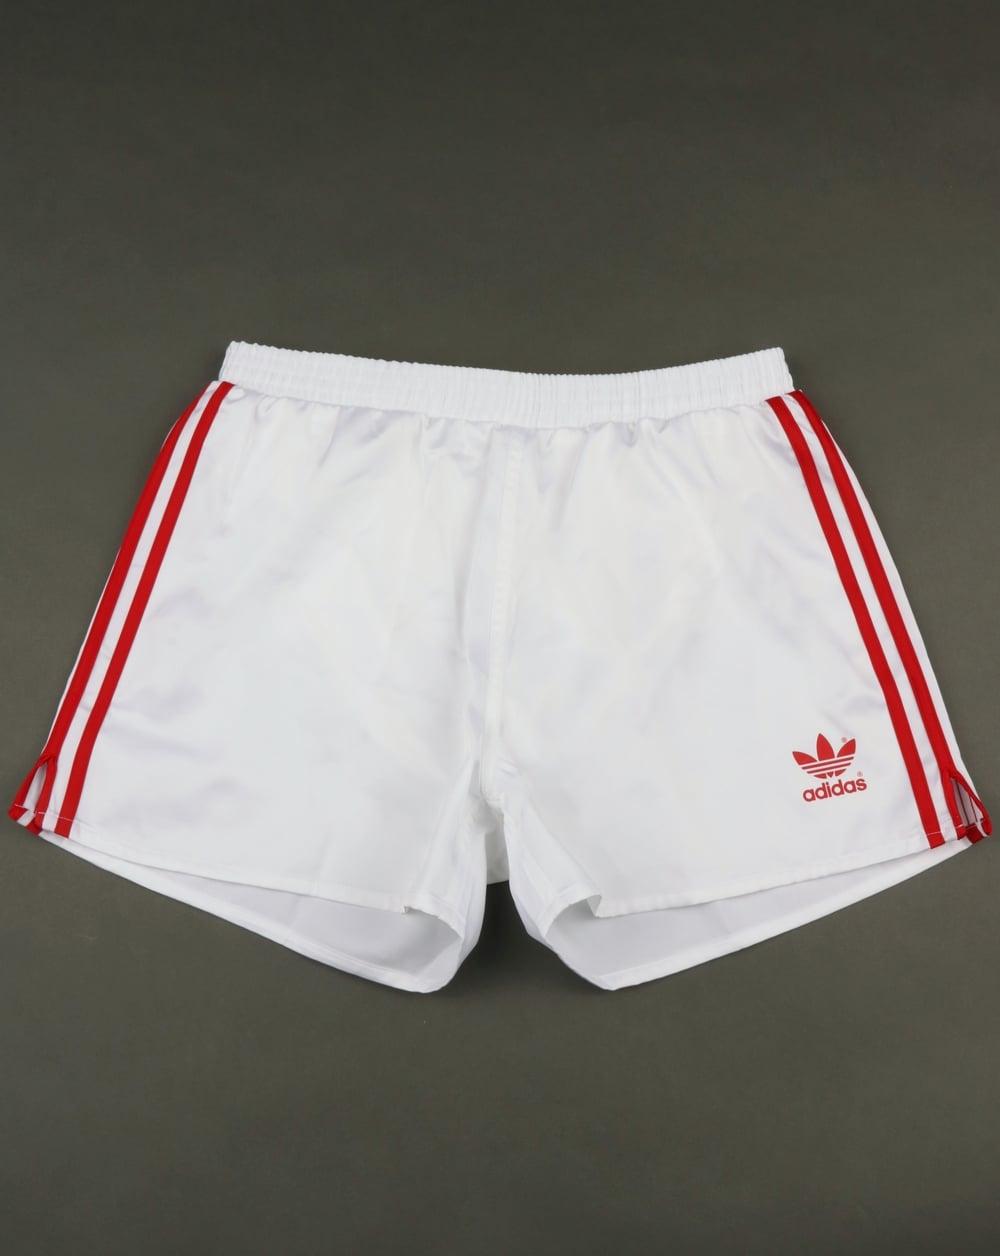 bce459f196 Adidas Originals Russia Shorts White,football,retro,mens,shiny